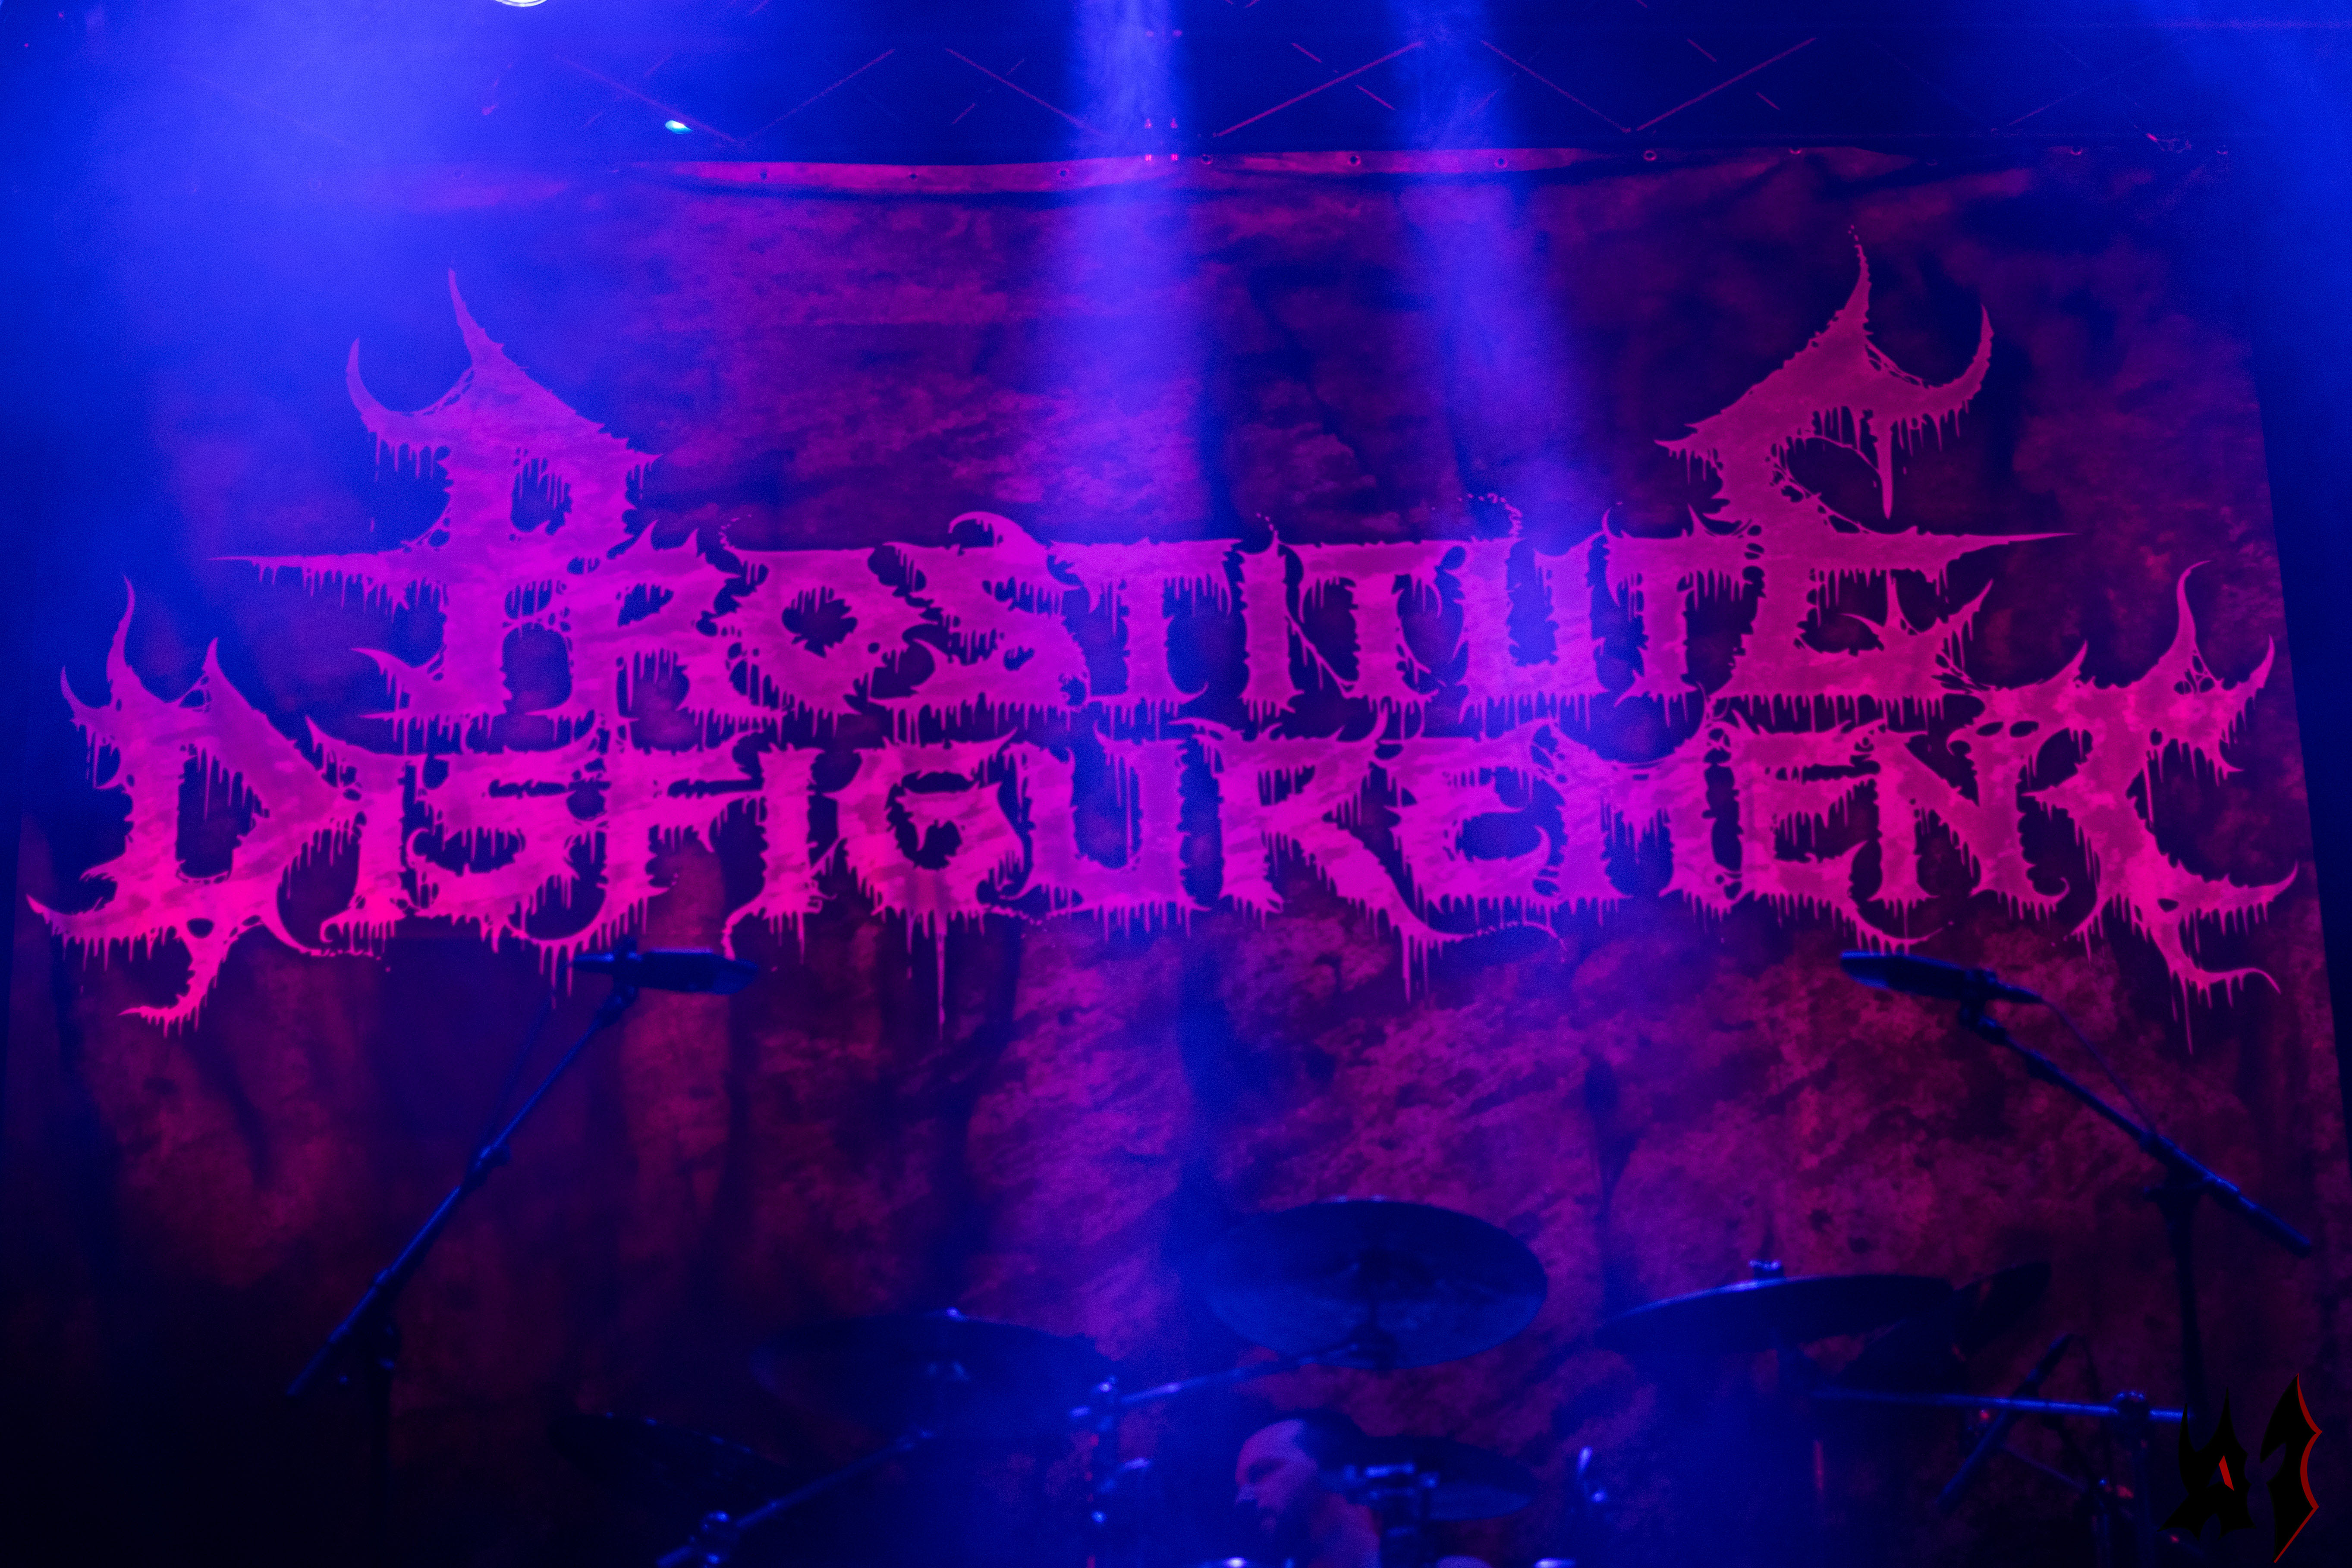 Prostitute Disfigurement - 1